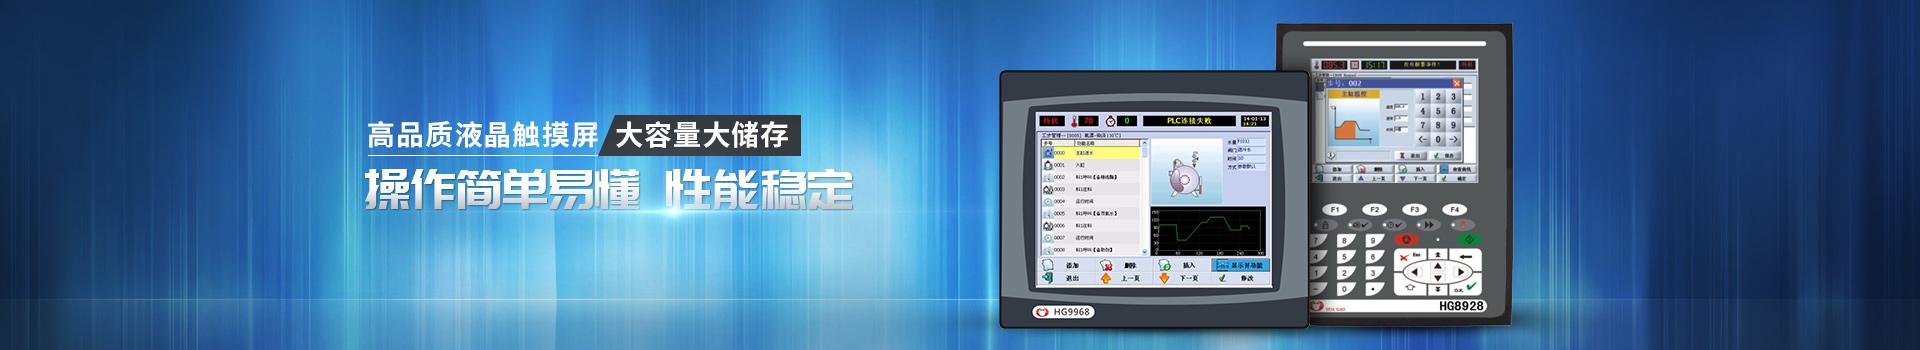 华高自动化-高品质液晶触摸屏,大容量大储存